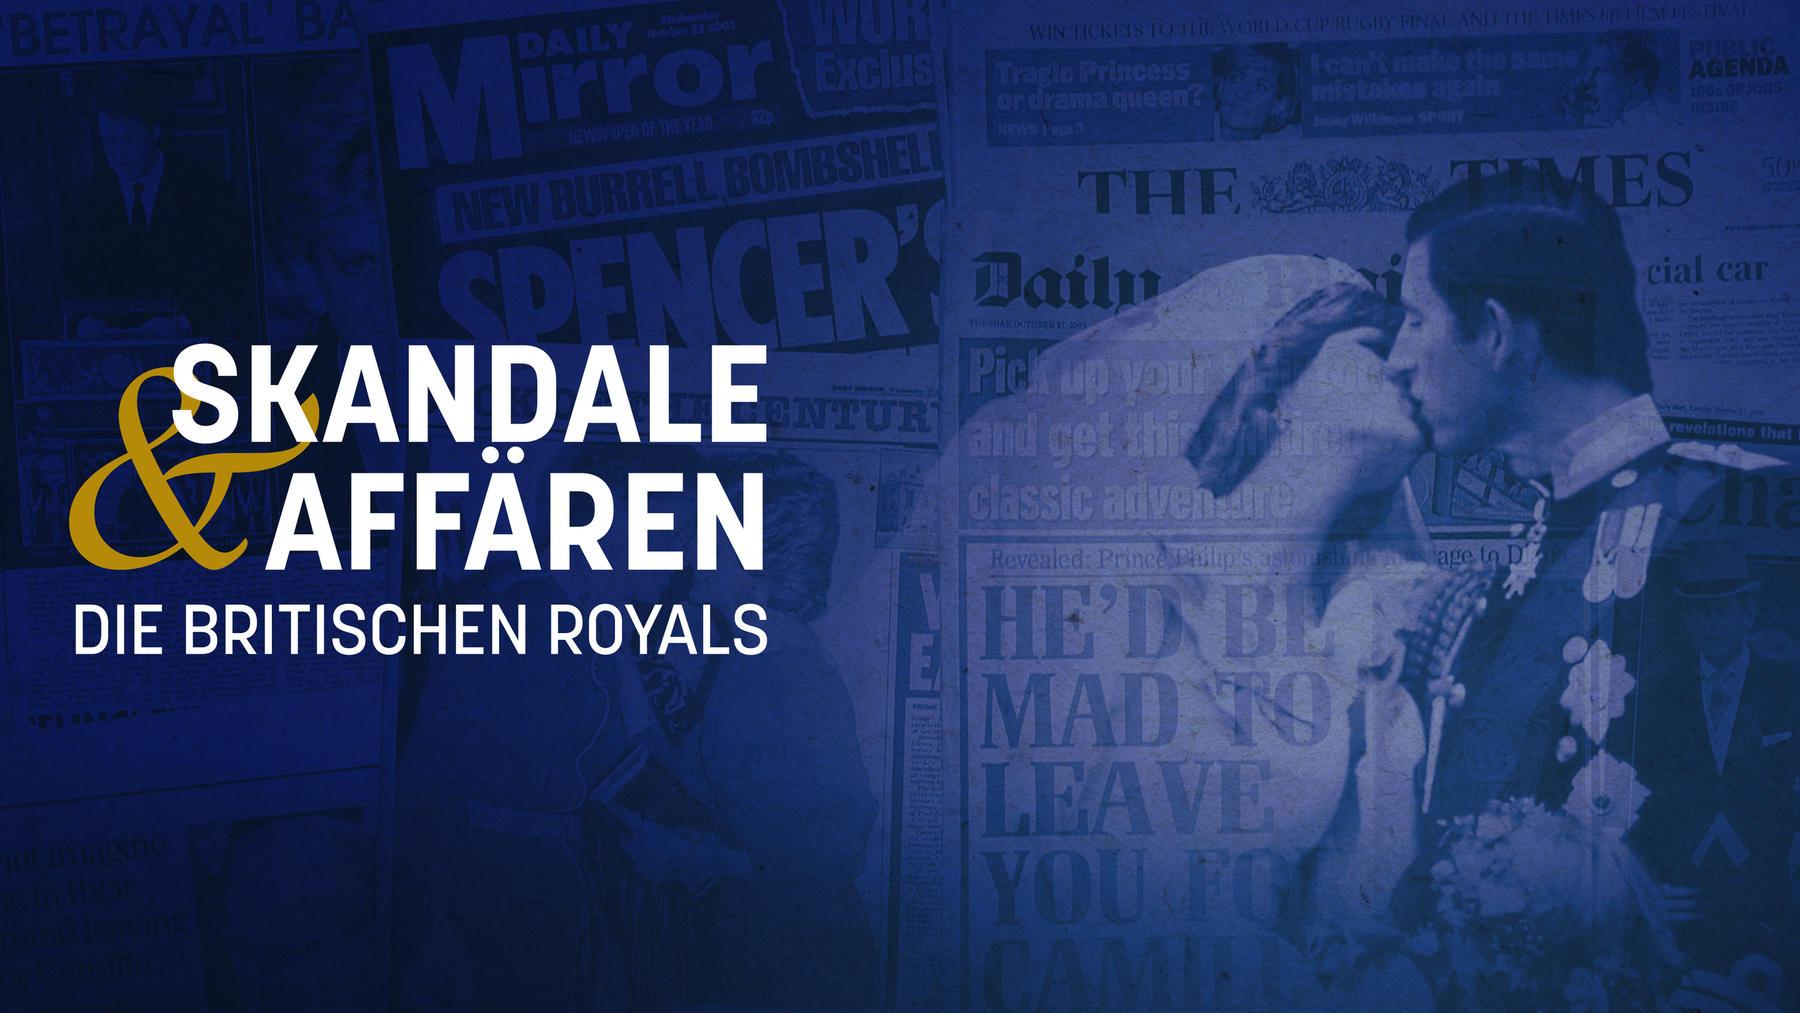 Skandale und Affären: Die britischen Royals